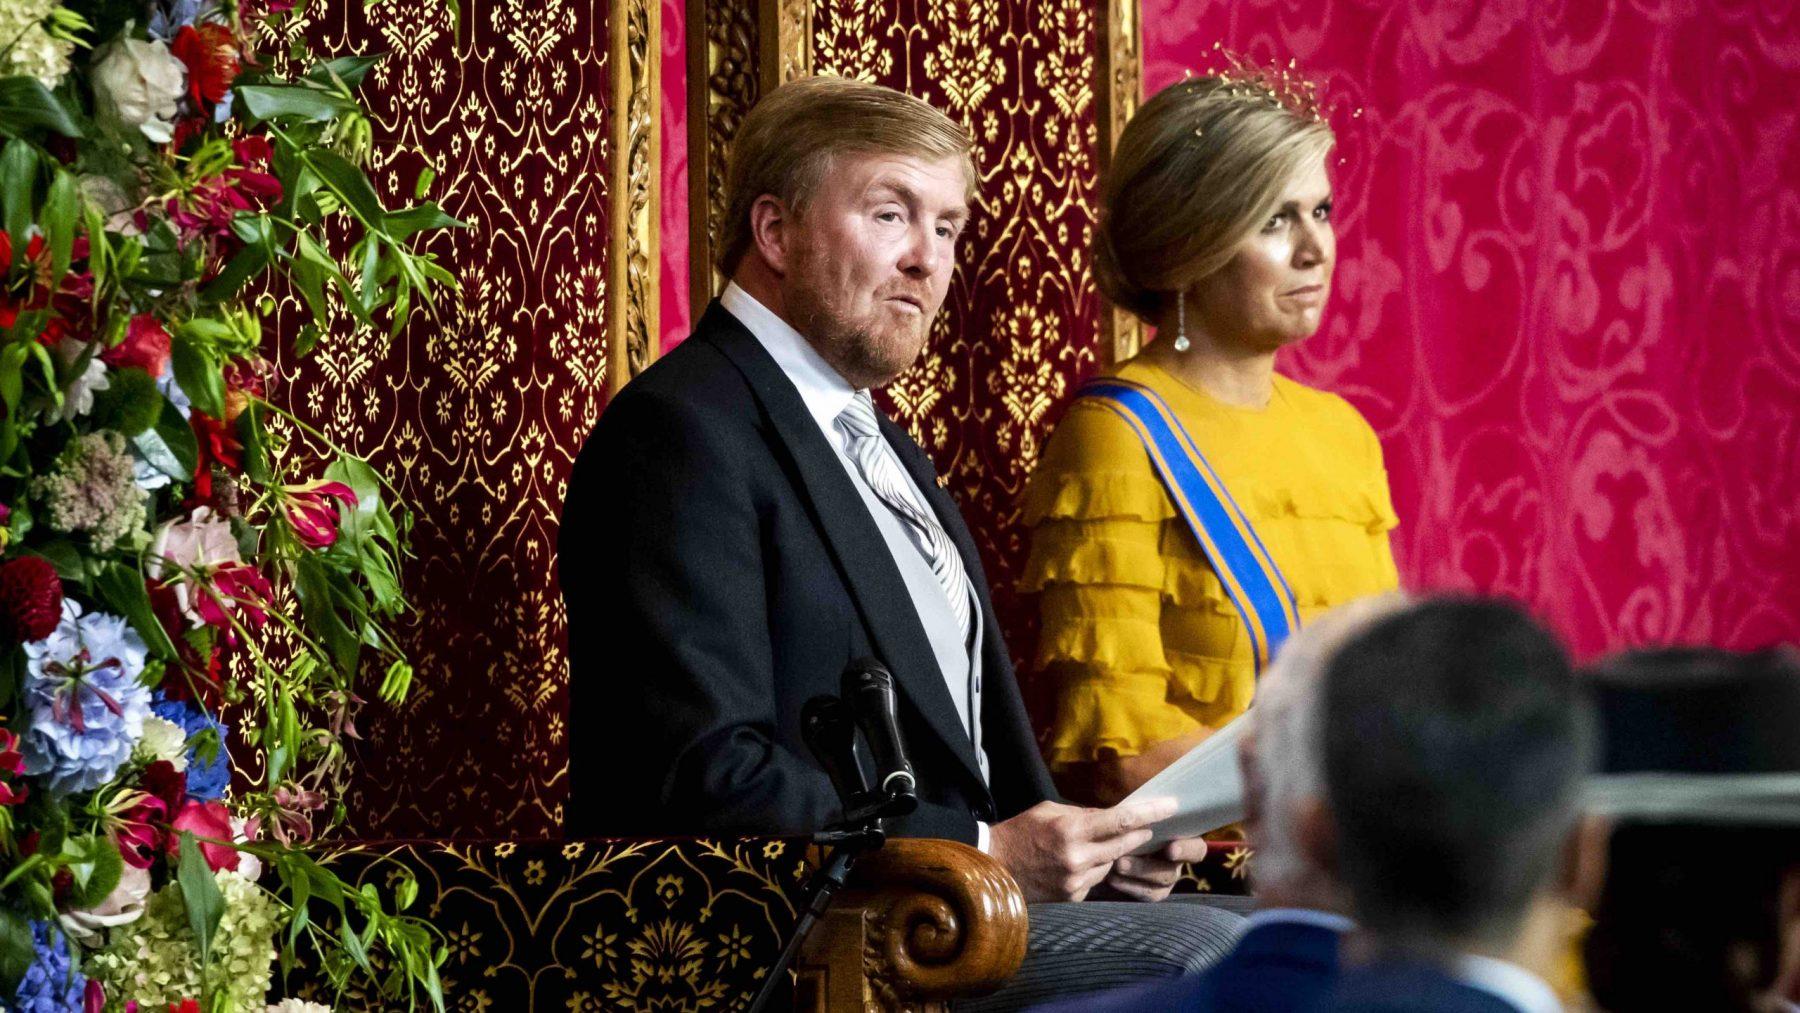 troonrede 2020 prinsjesdag